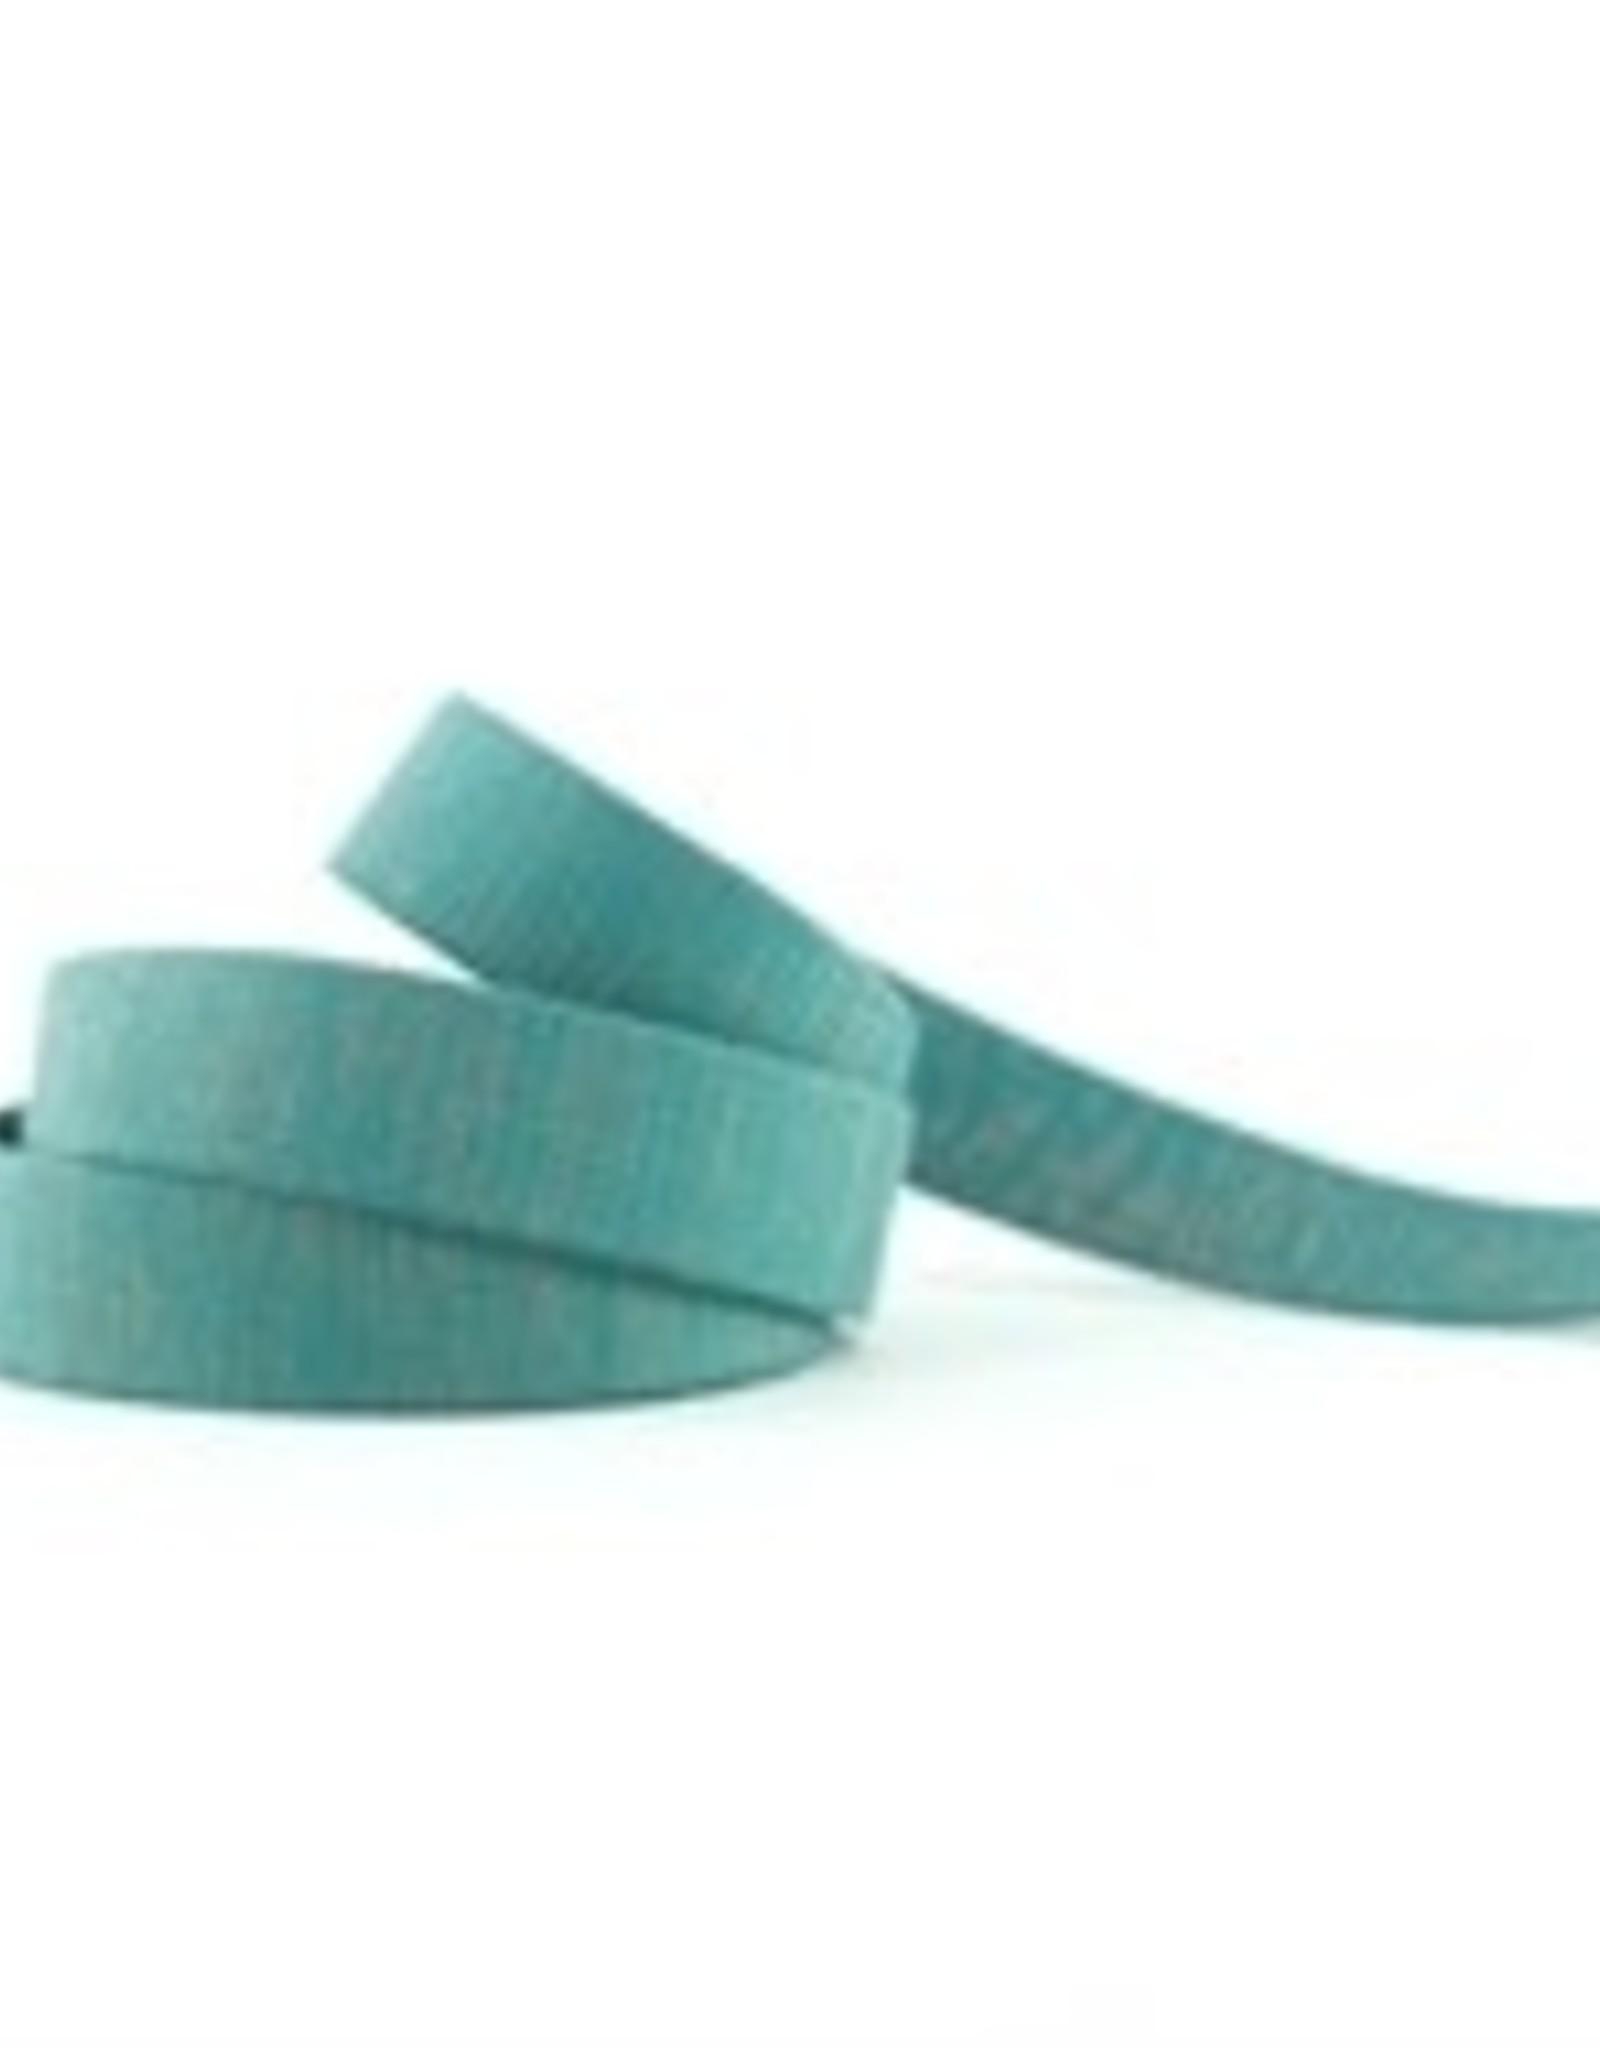 See You At Six See you at six tassenband slate blauwgroen